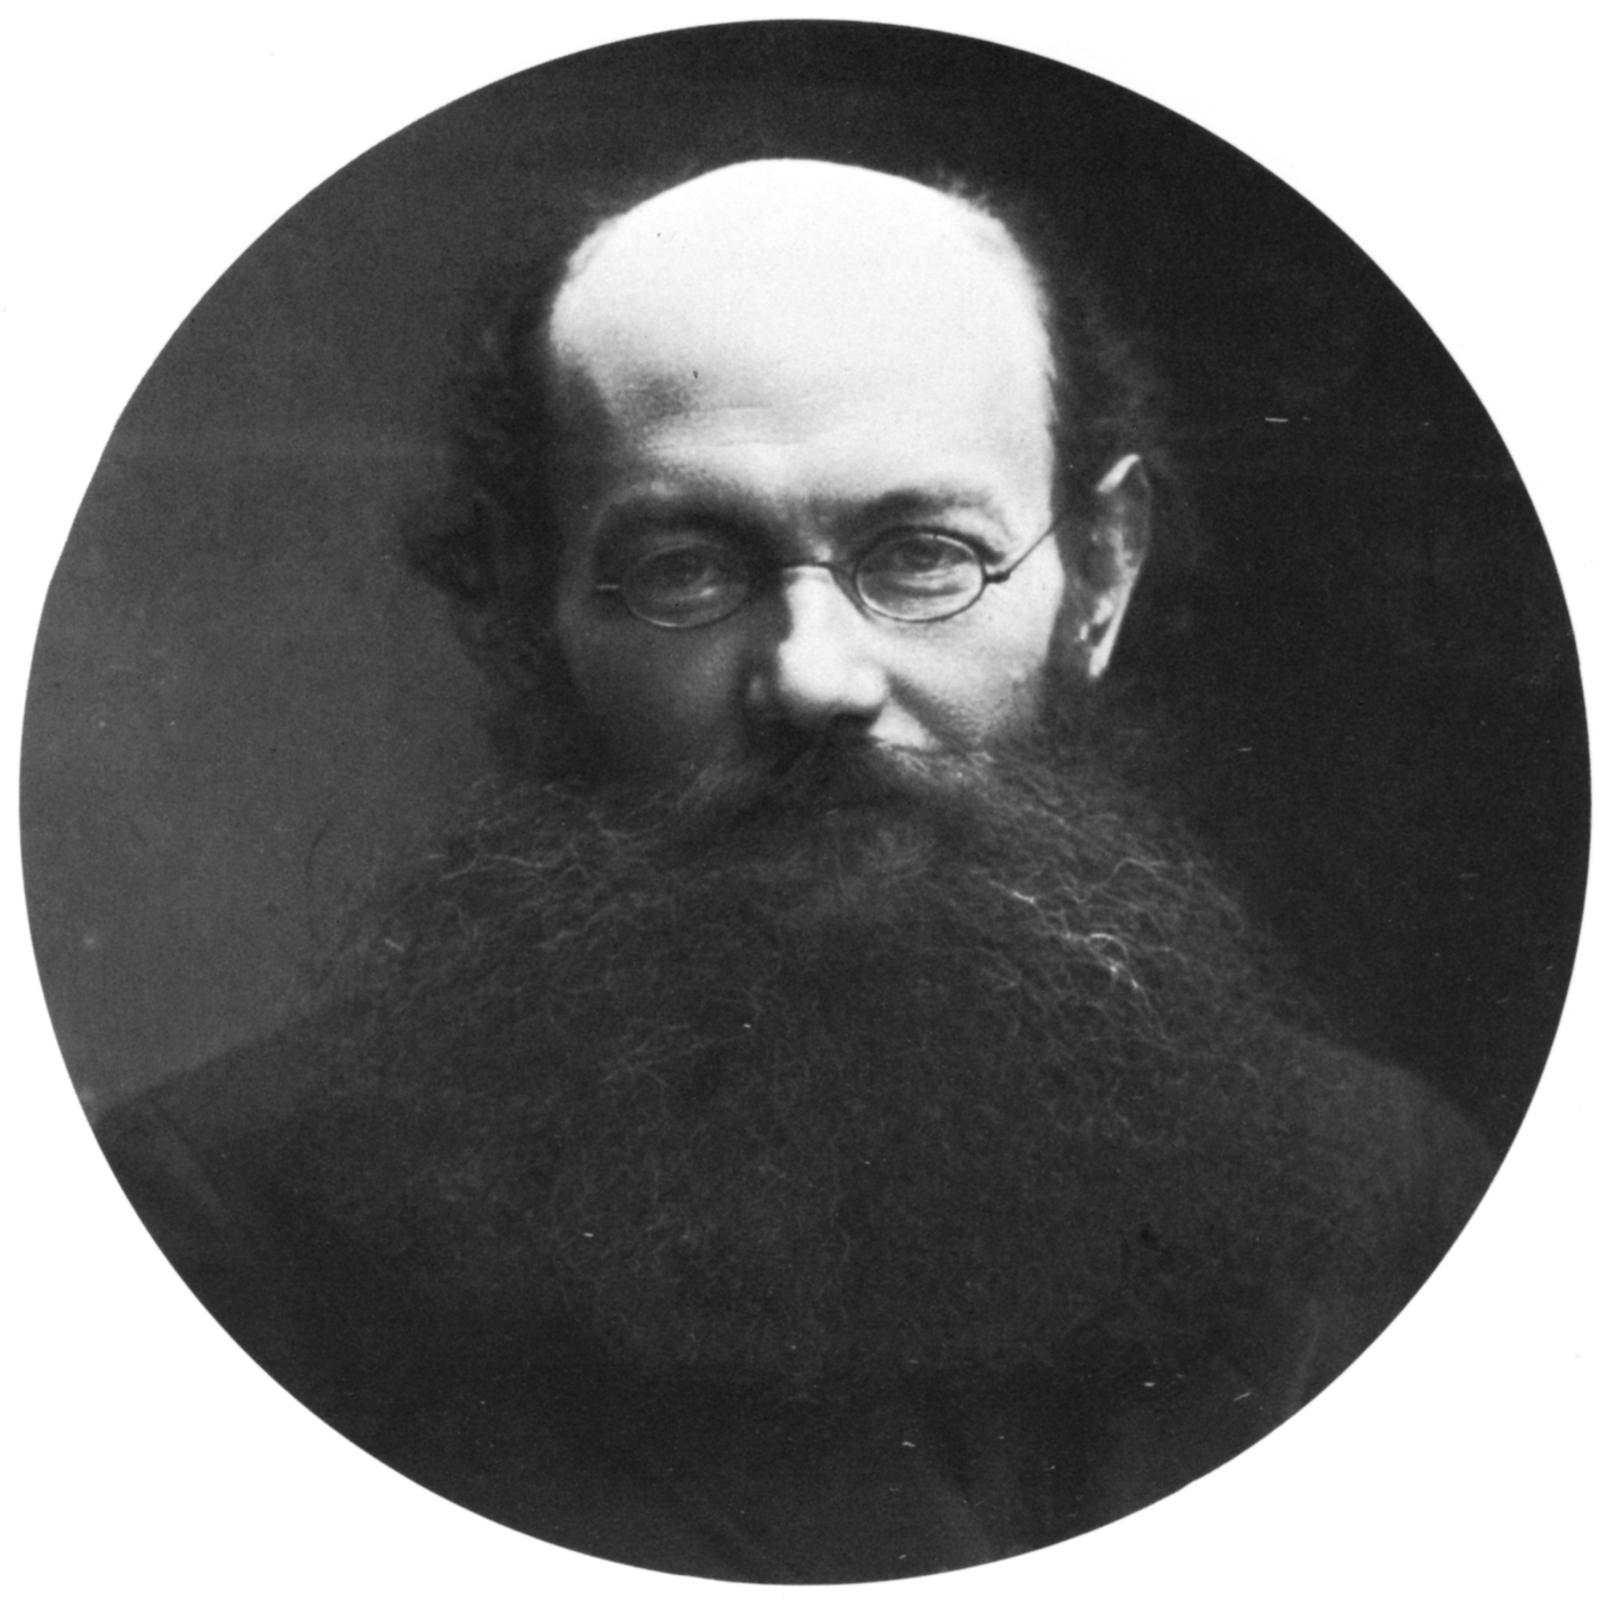 Retrato fotográfico de Piotr Kropotkin sacado de la Wikipedia